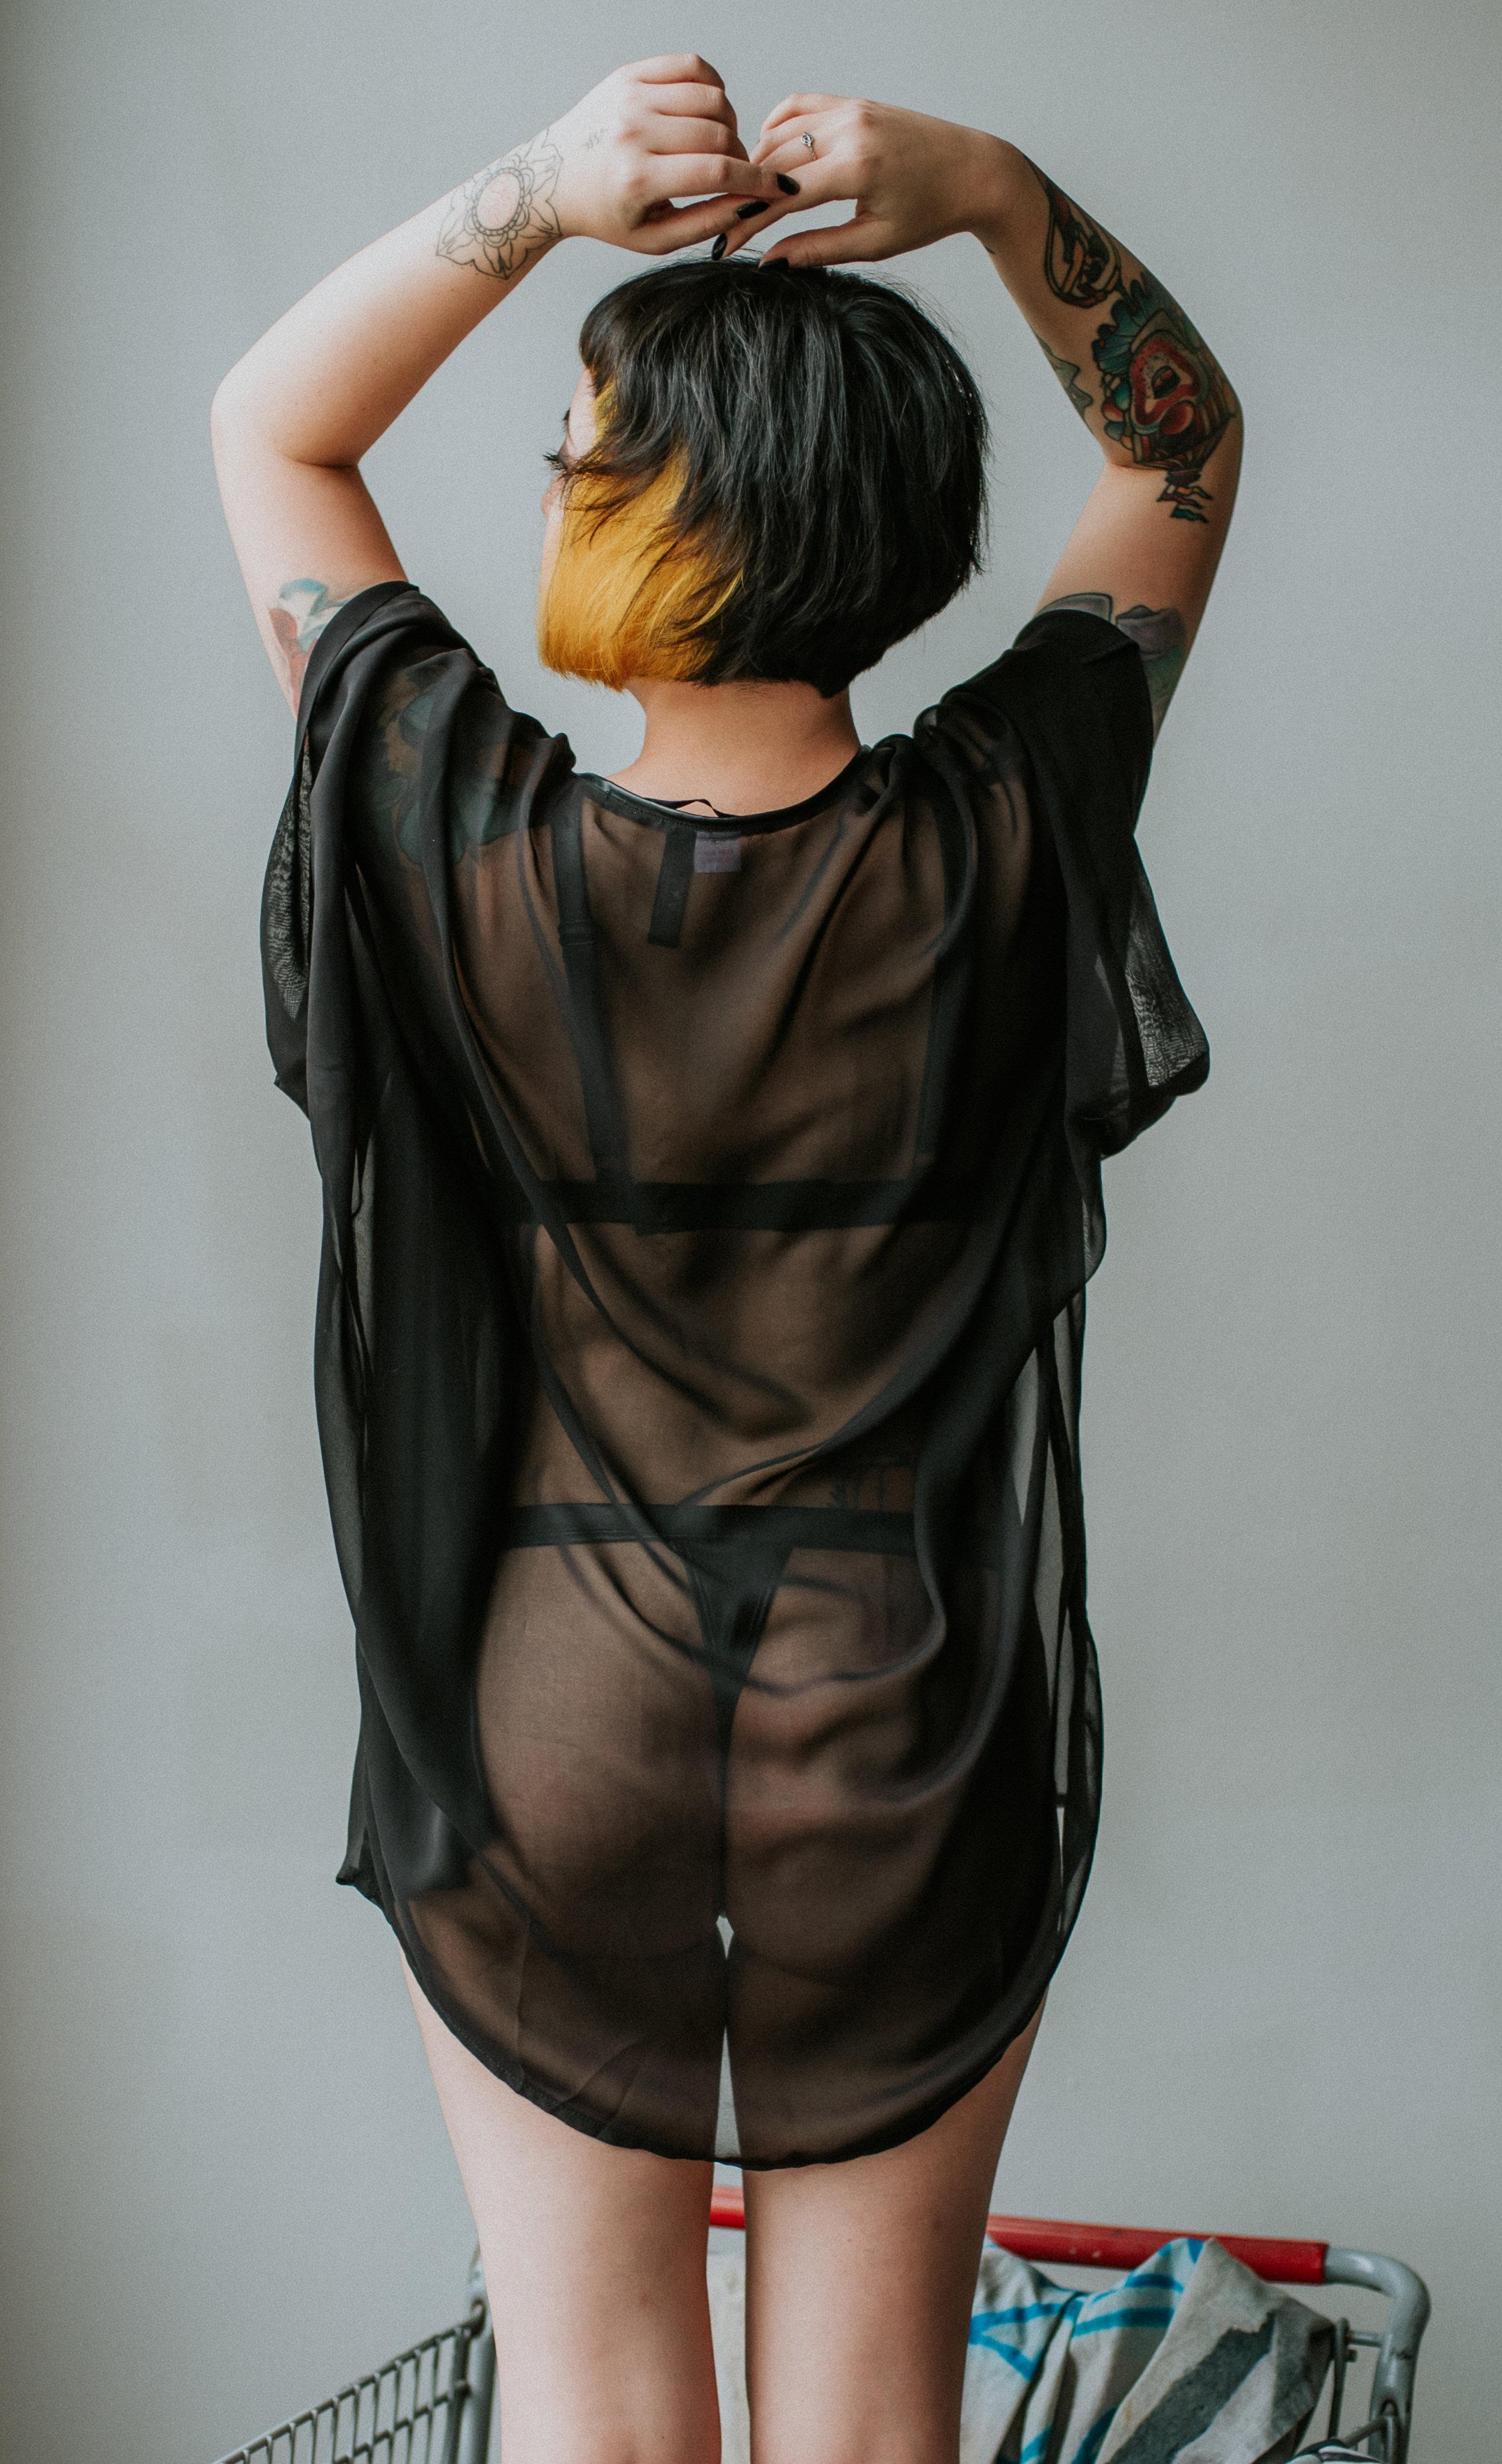 Self acceptance sensual boudoir photography in Dallas